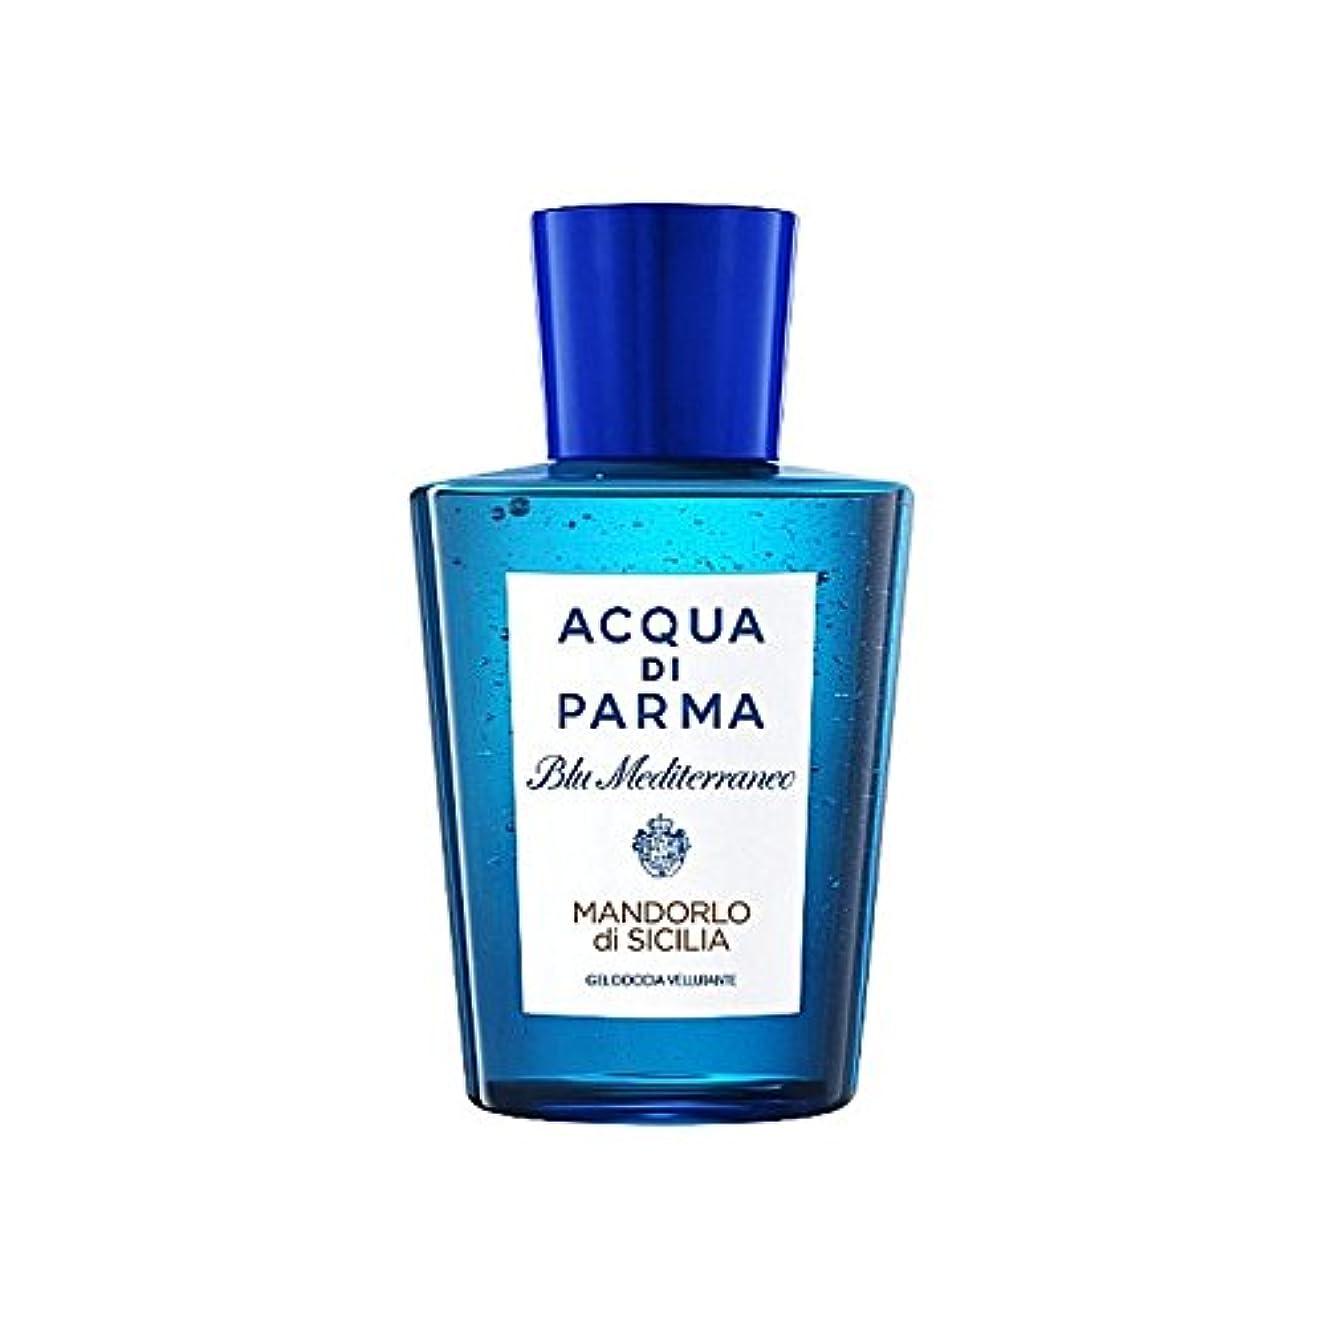 バイオレット達成事務所Acqua Di Parma Blu Mediterraneo Mandorlo Di Sicilia Shower Gel 200ml - アクアディパルマブルーメディマンドルロディシチリアシャワージェル200 [並行輸入品]